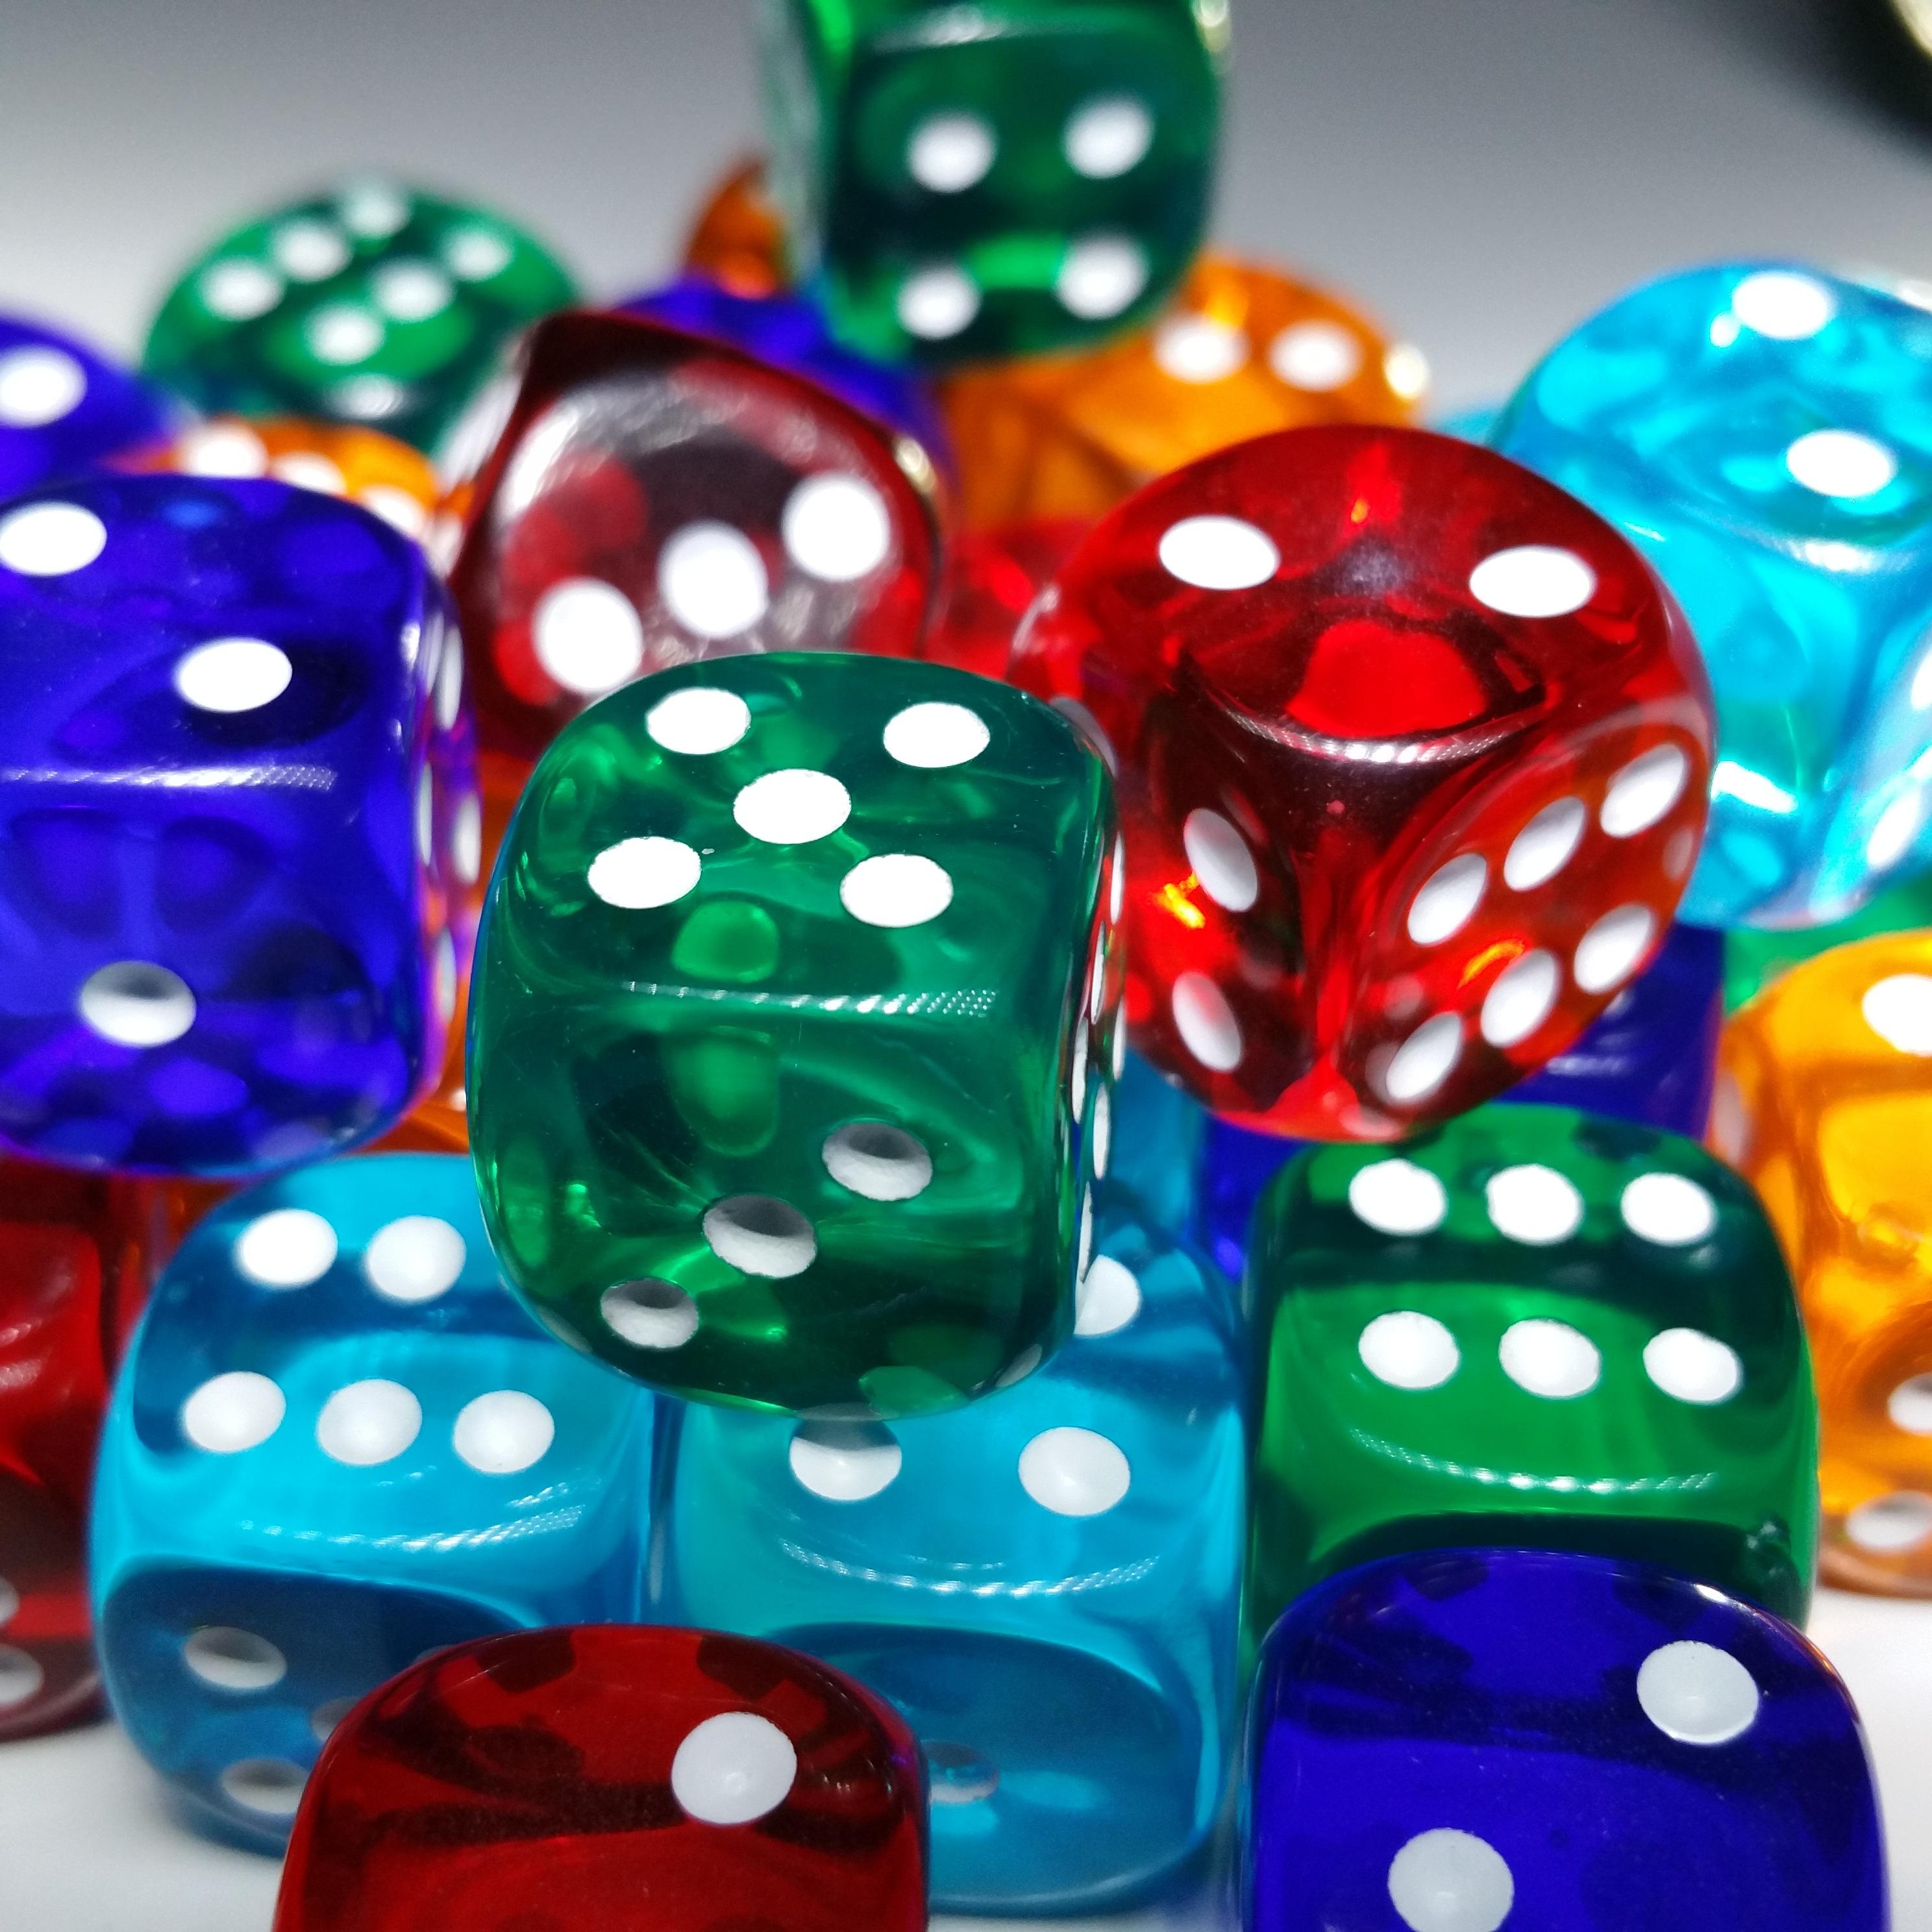 играть отдых Красочный настольная игра виды спорта Куб Игры Удача игральная кость игра в кости Крэпс